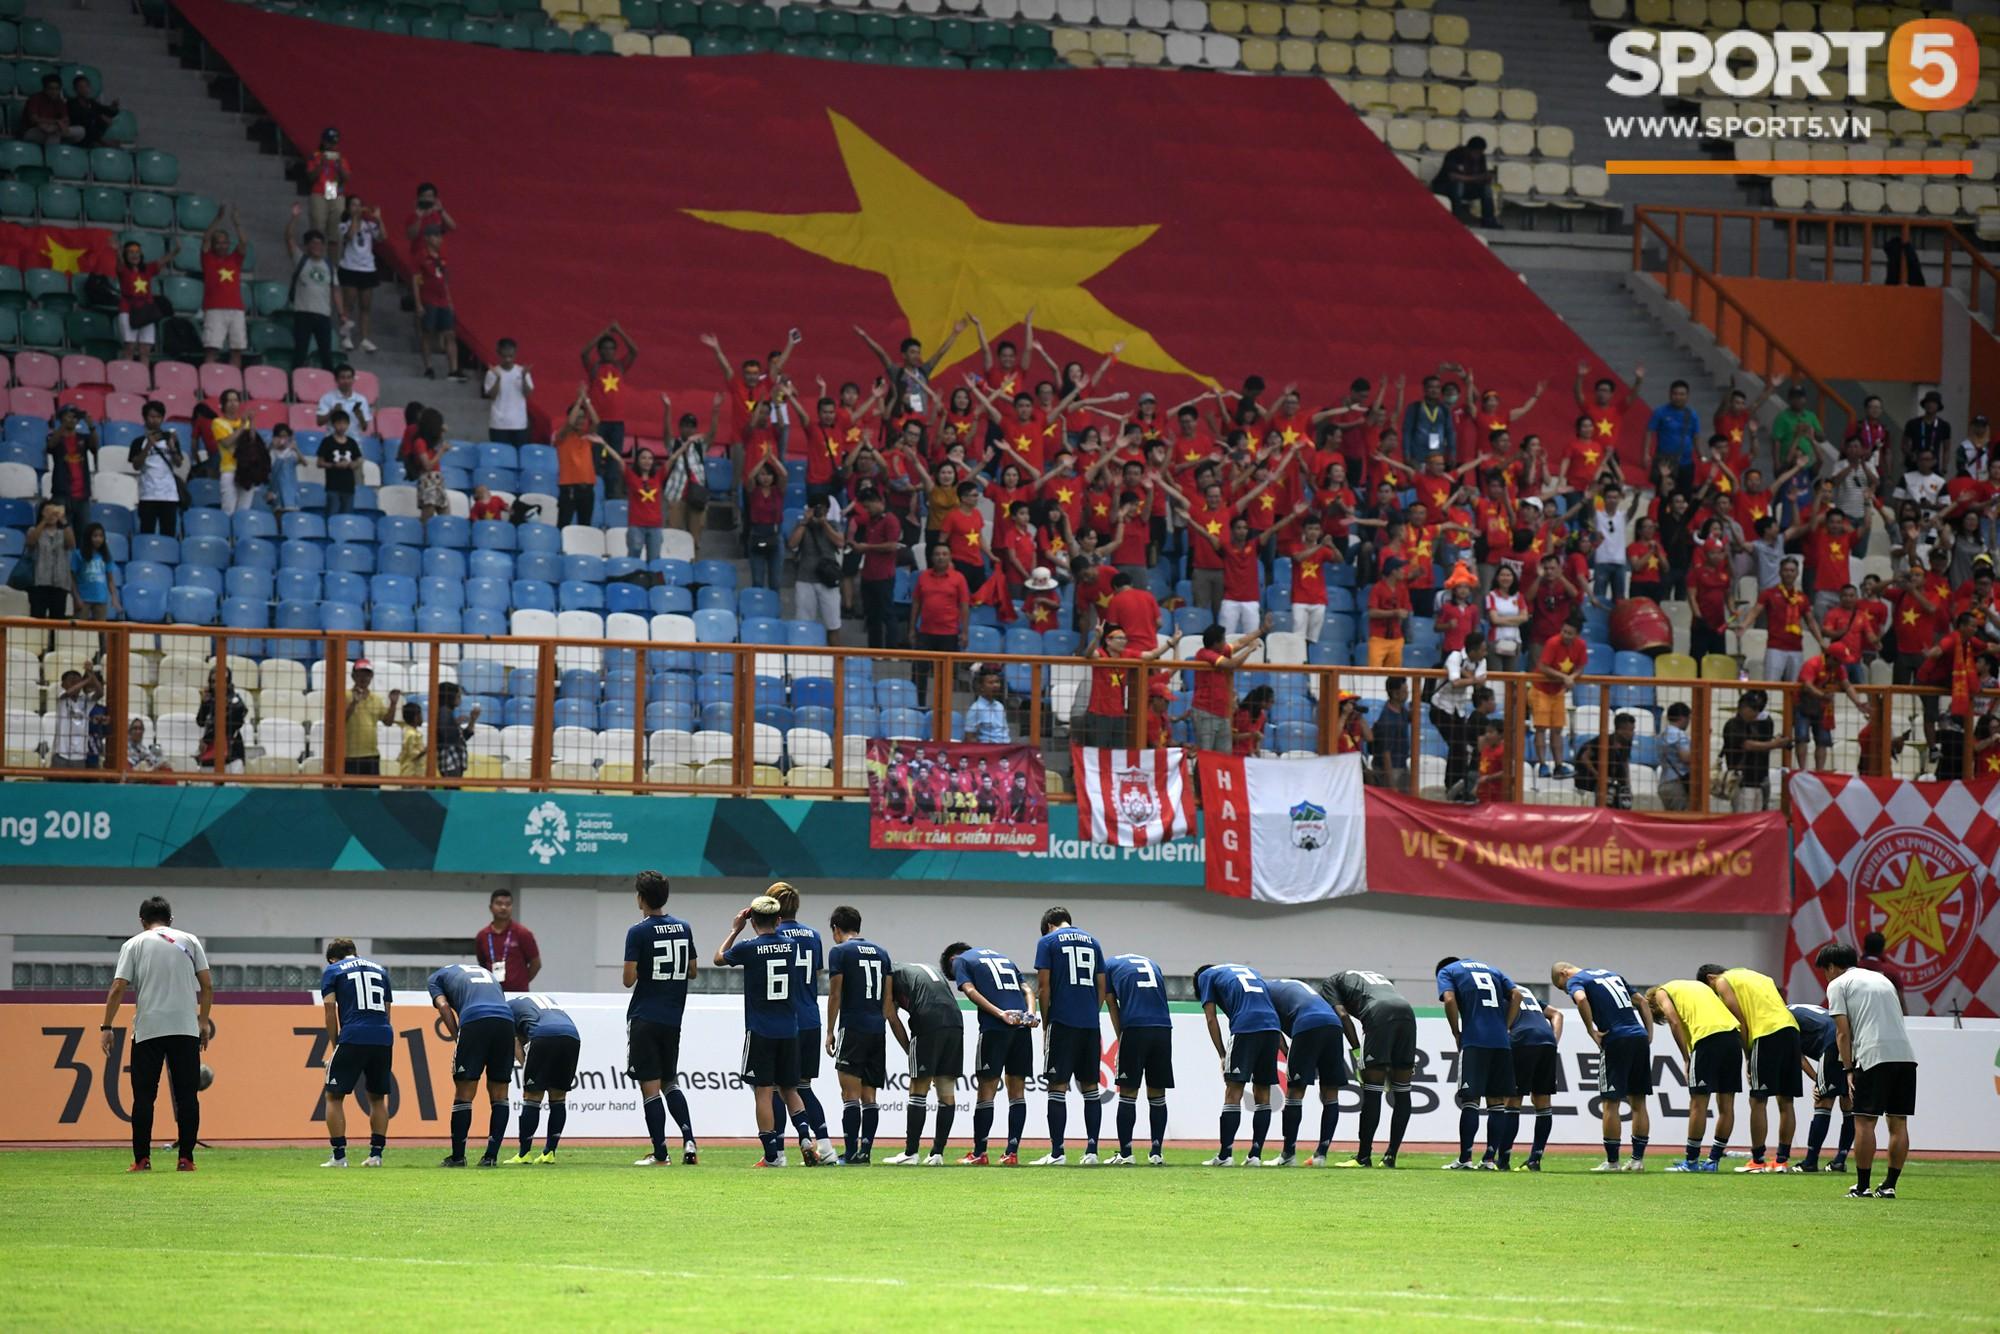 Hành trình kỳ diệu của bóng đá Việt Nam trong năm 2018 qua ảnh-5